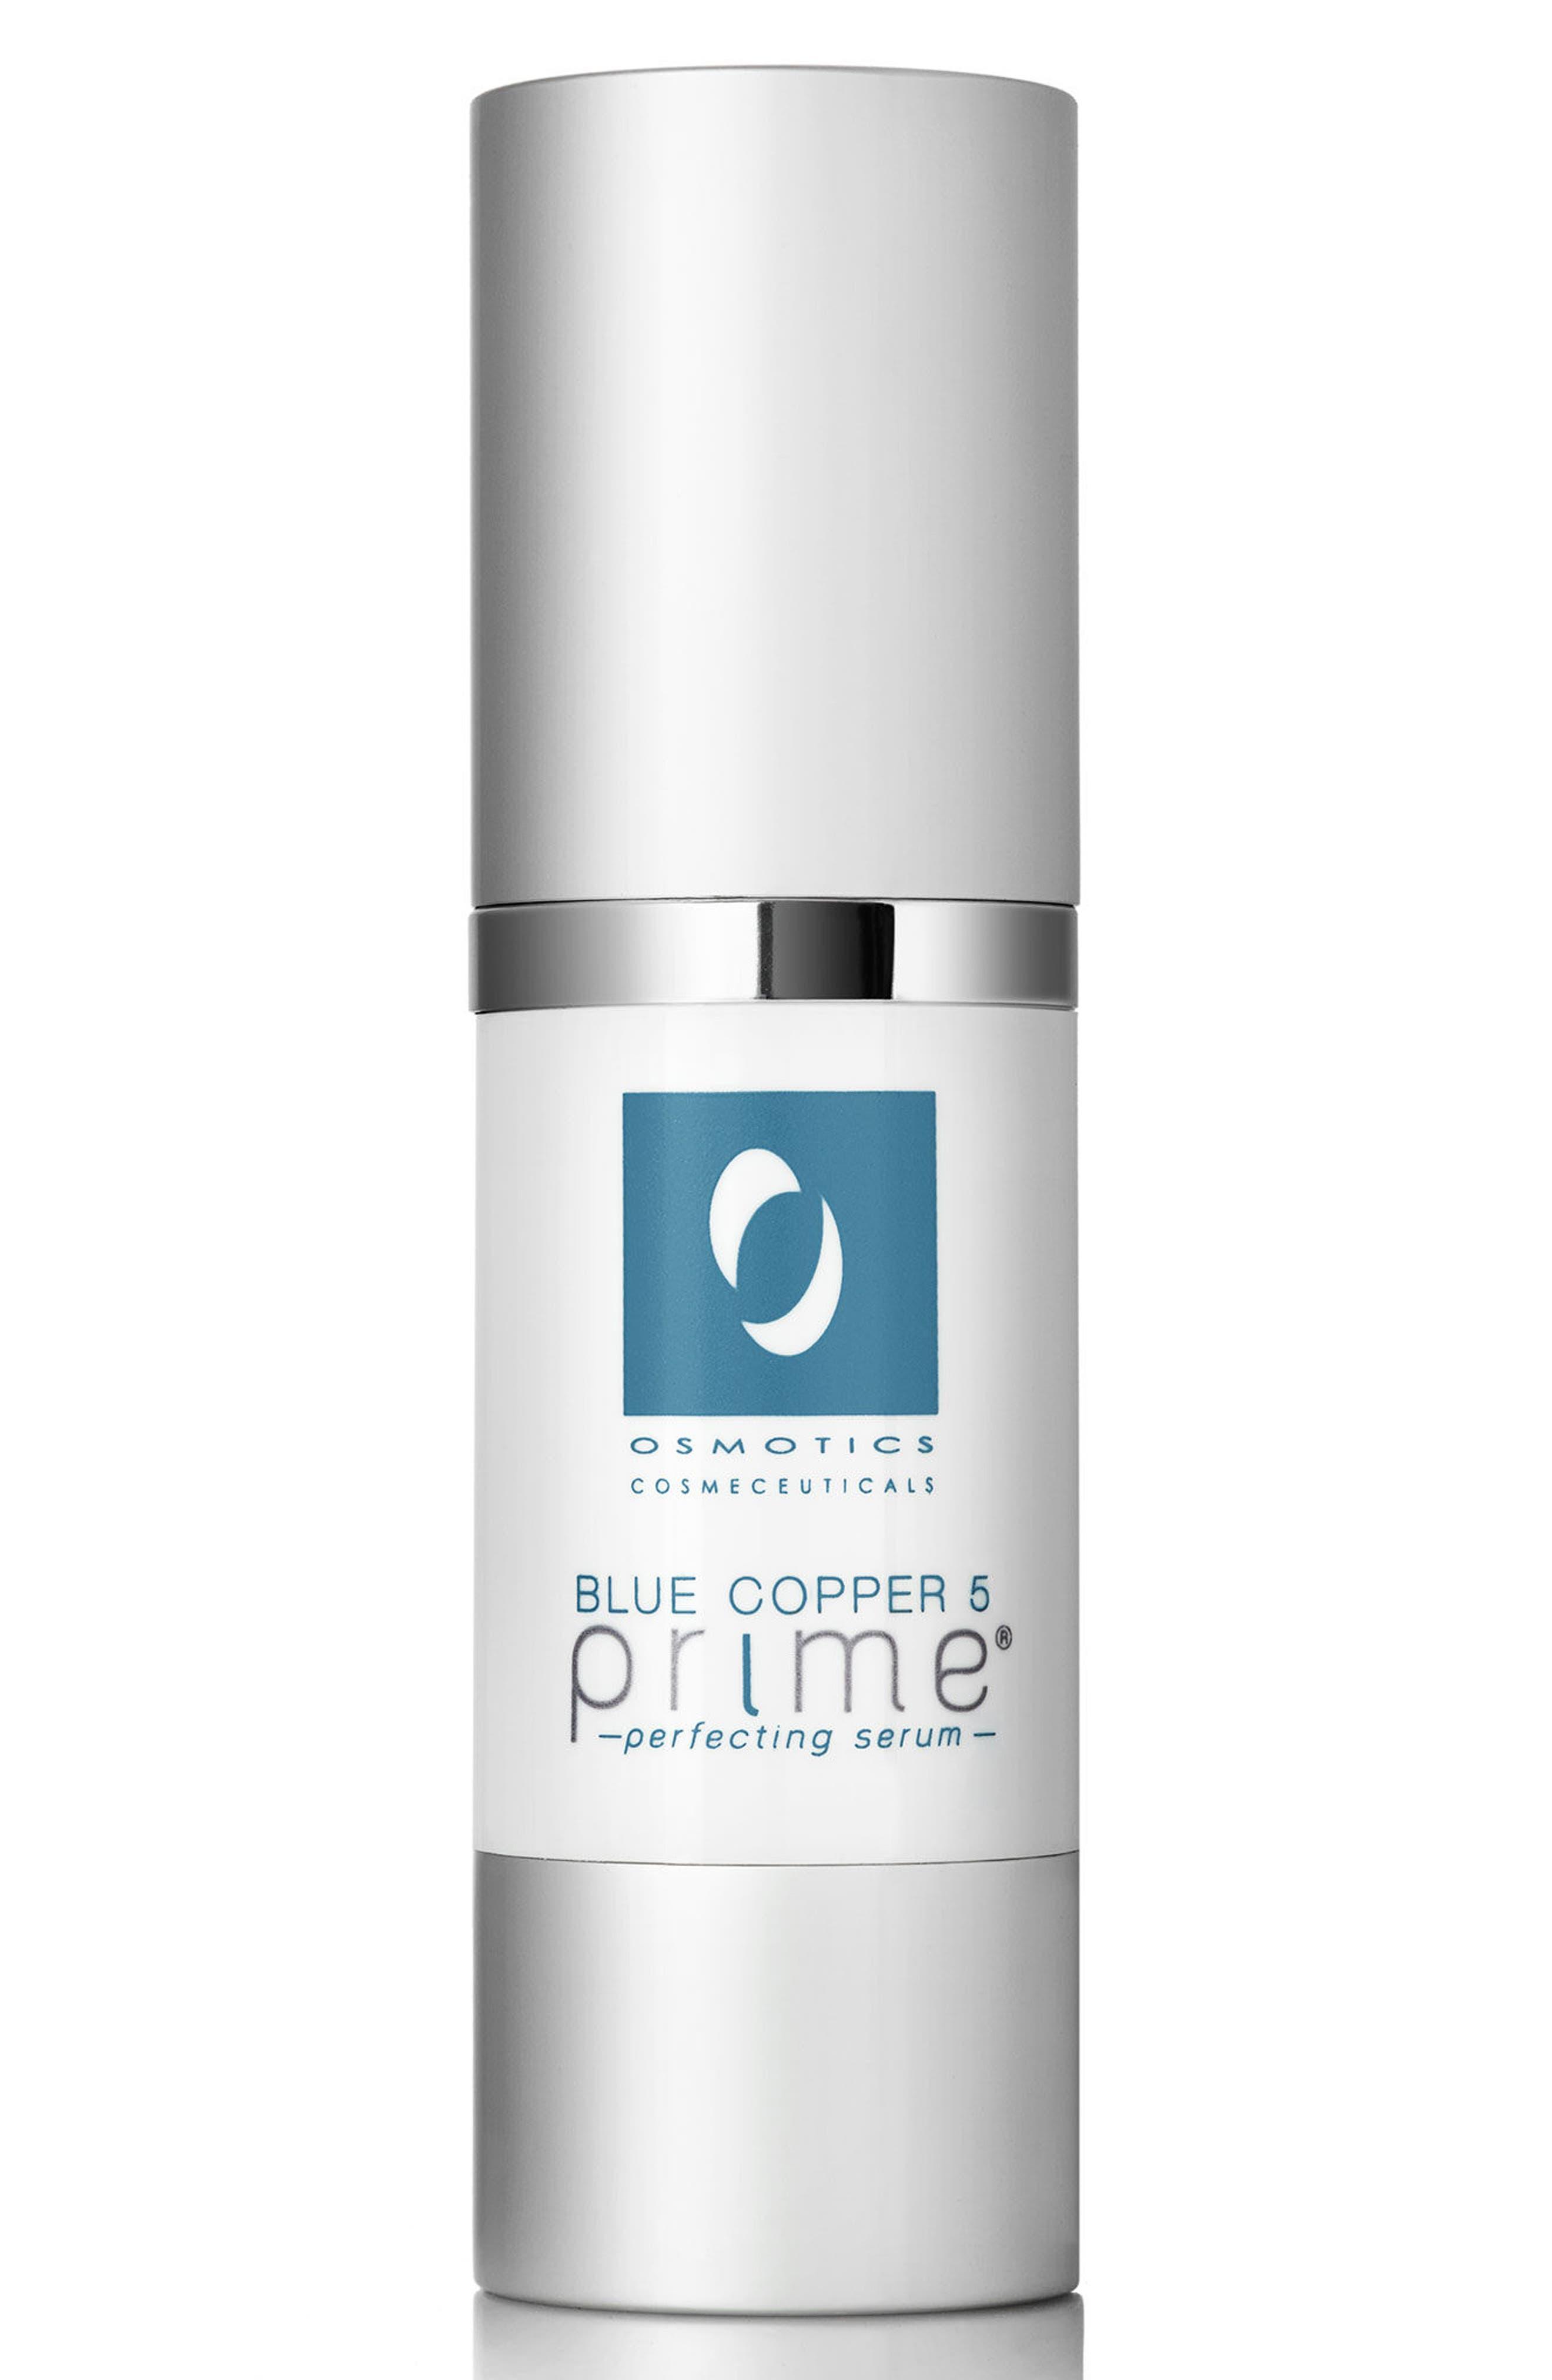 Osmotics Cosmeceuticals Blue Copper 5 Prime Essential Perfecting Serum